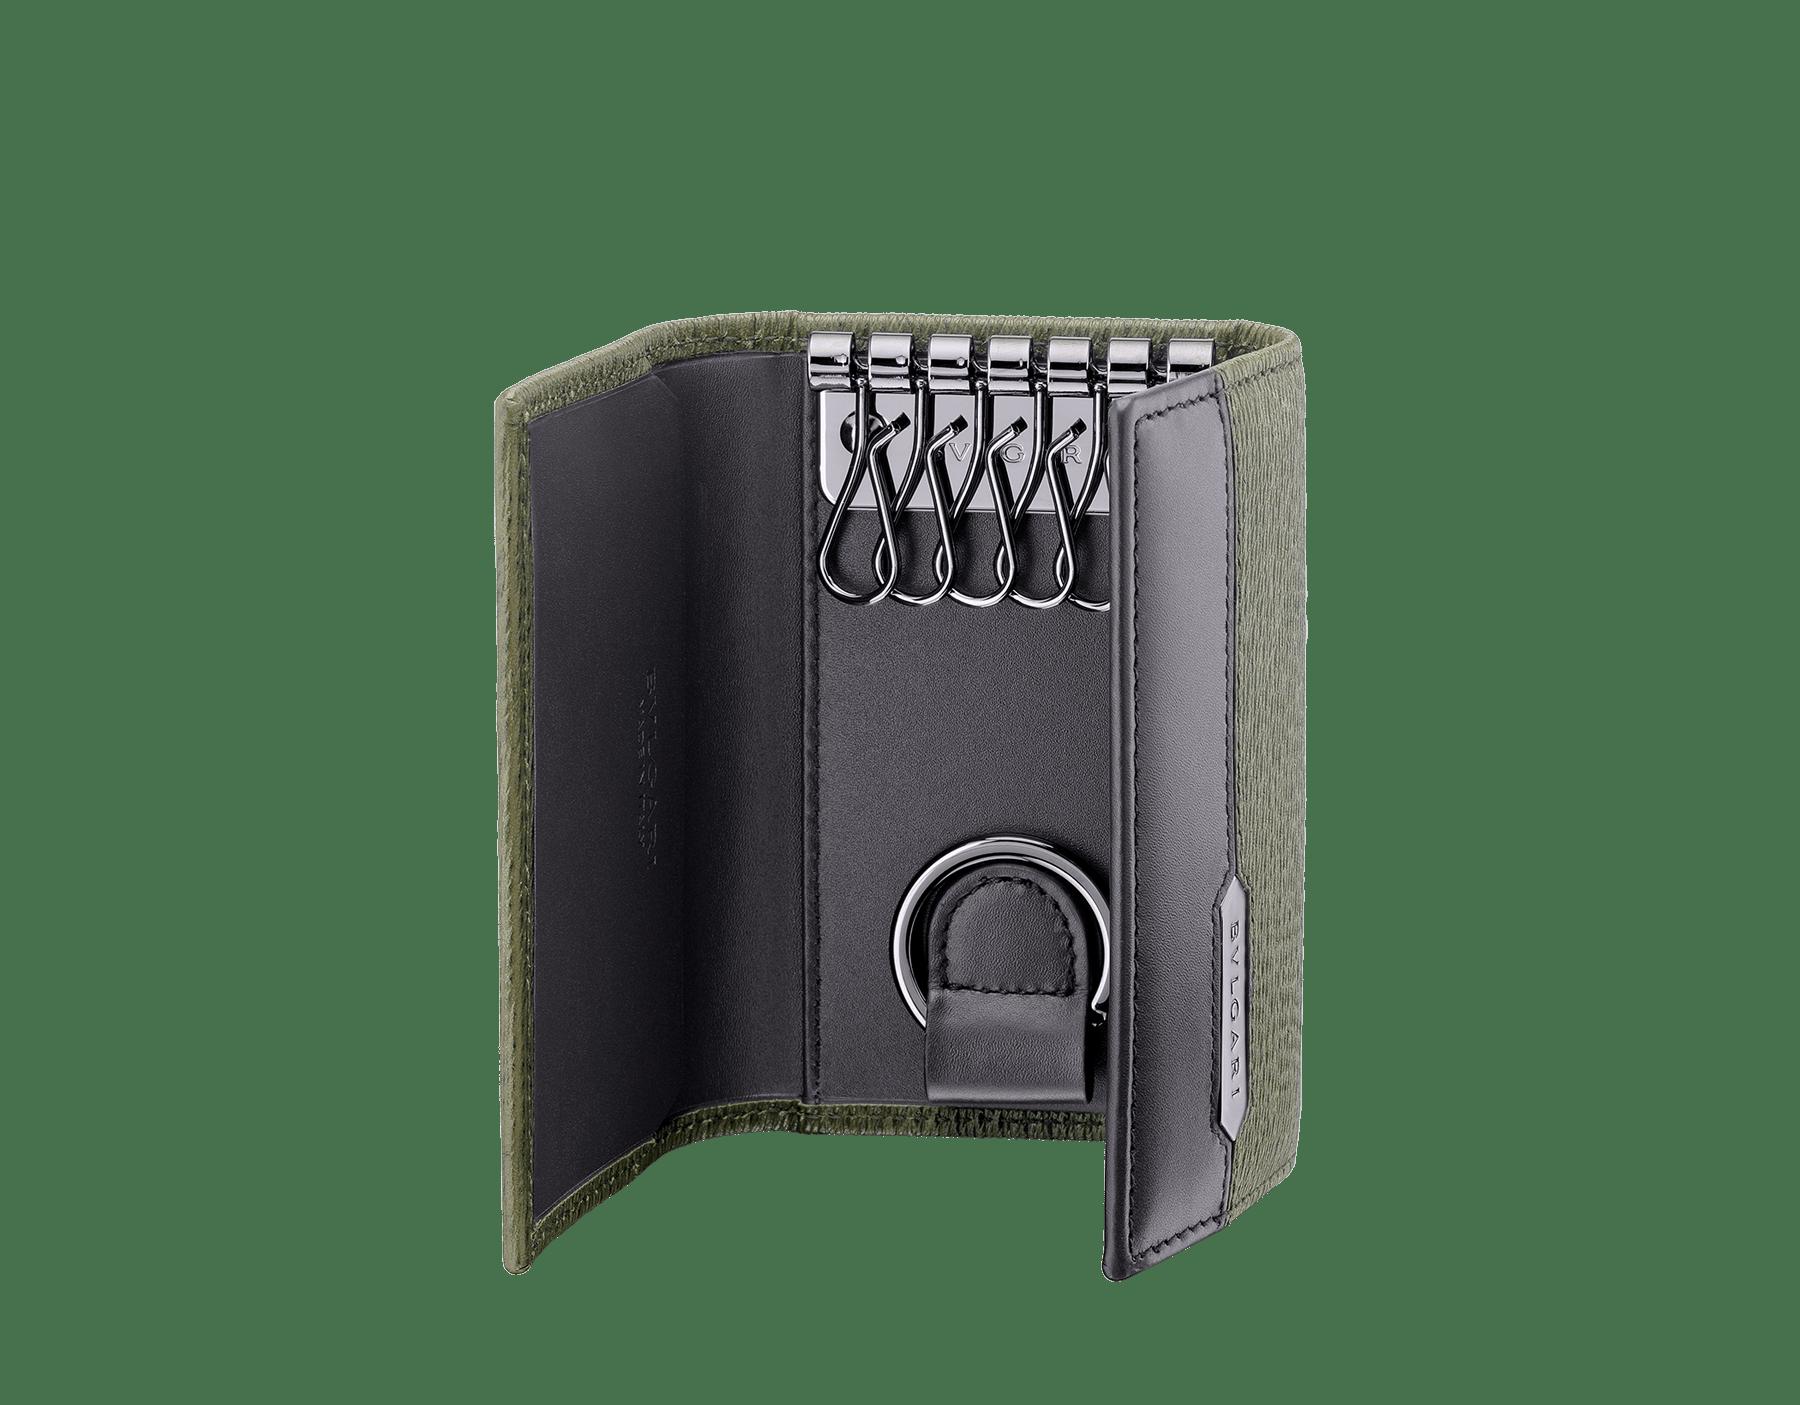 ミメティックジェイドのグレイズドカーフレザー、およびブラックのカーフレザー製「セルペンティ スカリエ マン」キーホルダー。ヘビのうろこをモチーフとしたヘキサゴナルなメタルプレートにブルガリのロゴをエングレーヴィング。プレートはダークルテニウム仕上げ。 581-KEYHOLDER-CAR image 2